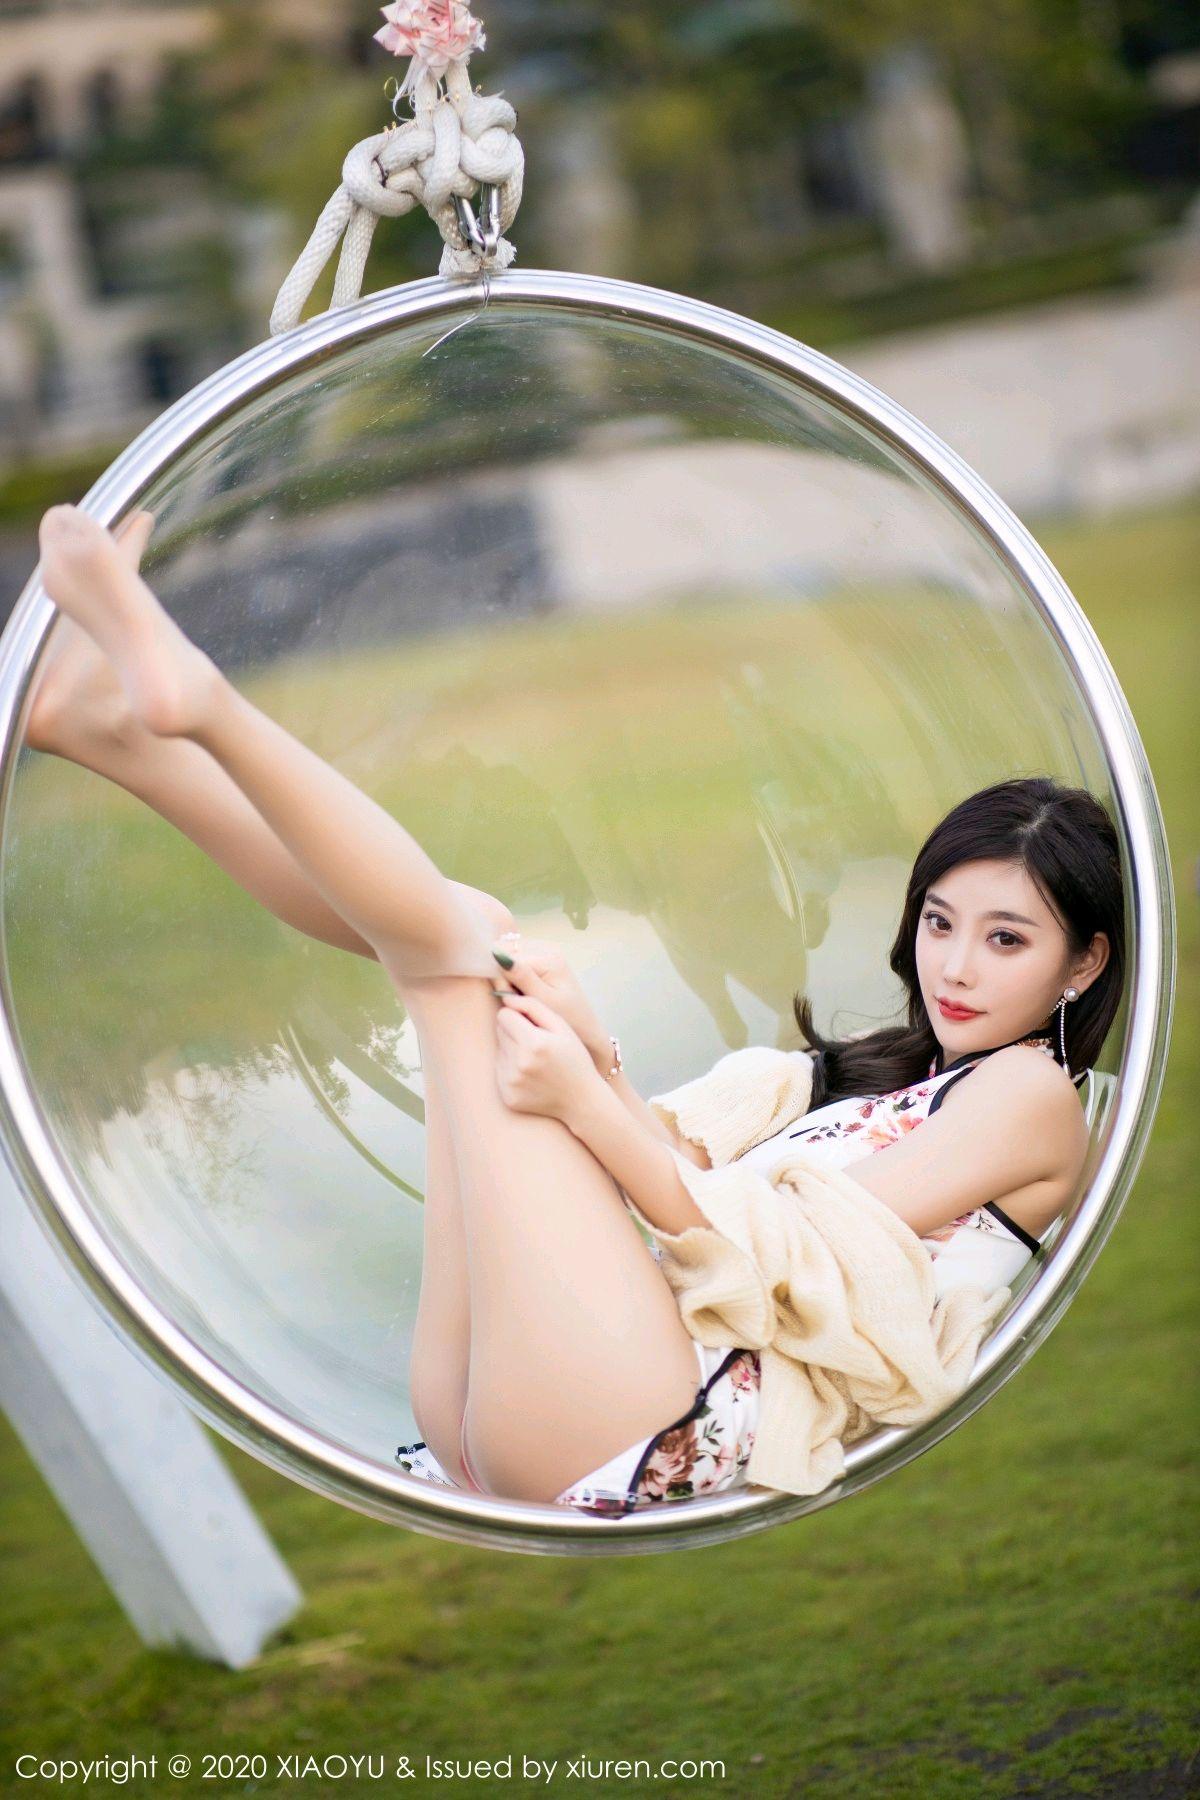 [XiaoYu] Vol.233 Yang Chen Chen 96P, Cheongsam, Foot, XiaoYu, Yang Chen Chen